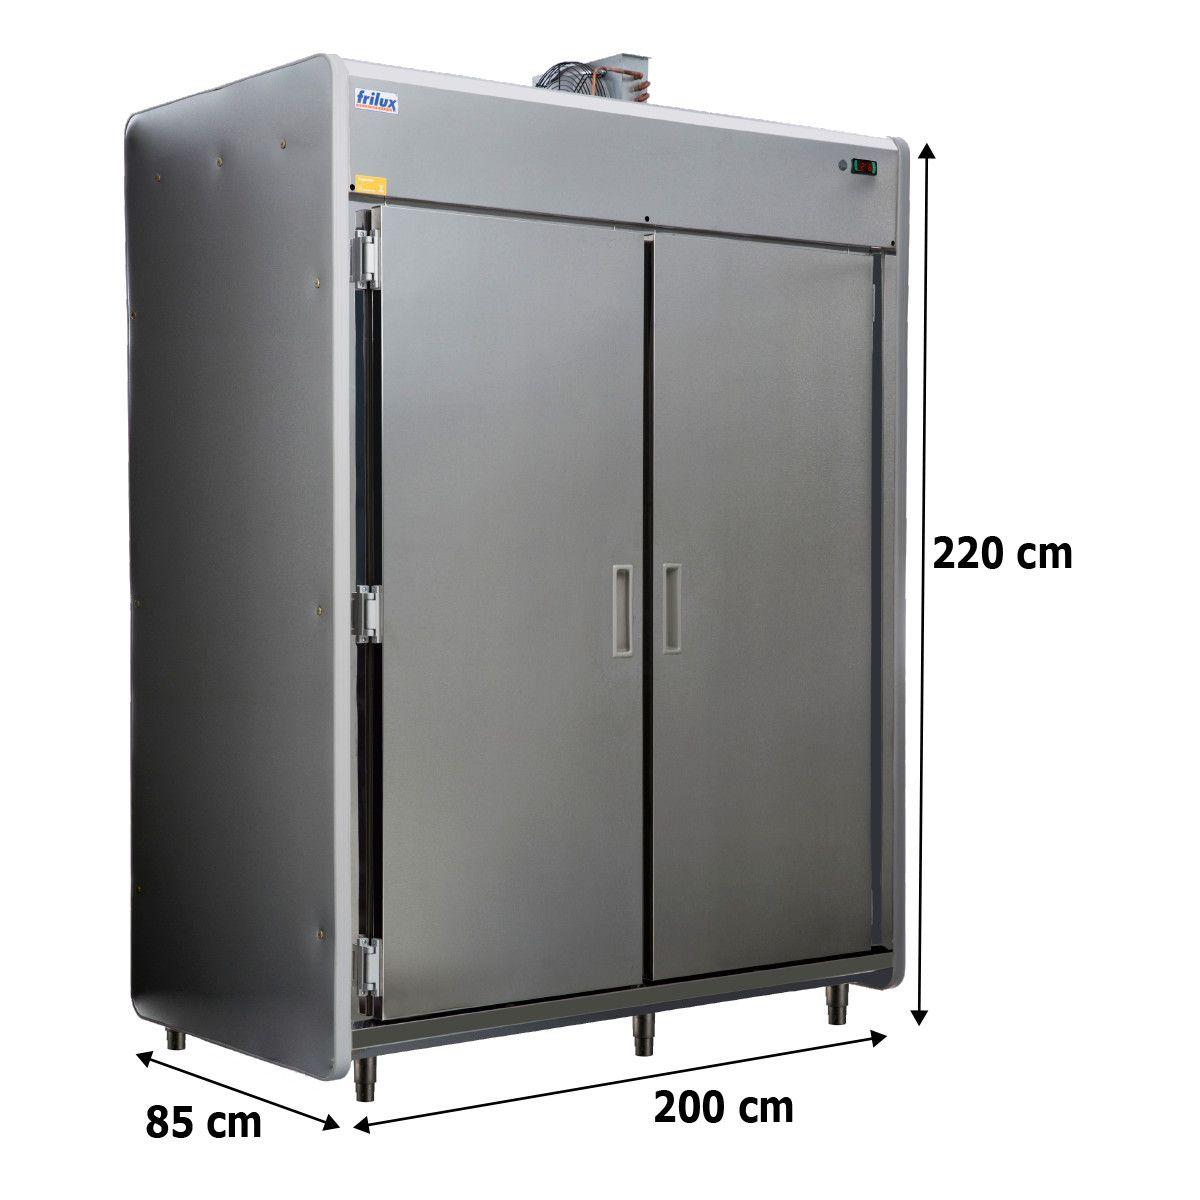 Câmara Fria Para Carnes Em Inox 2 Portas 2400 Litros Rf 056 - Frilux - 220V